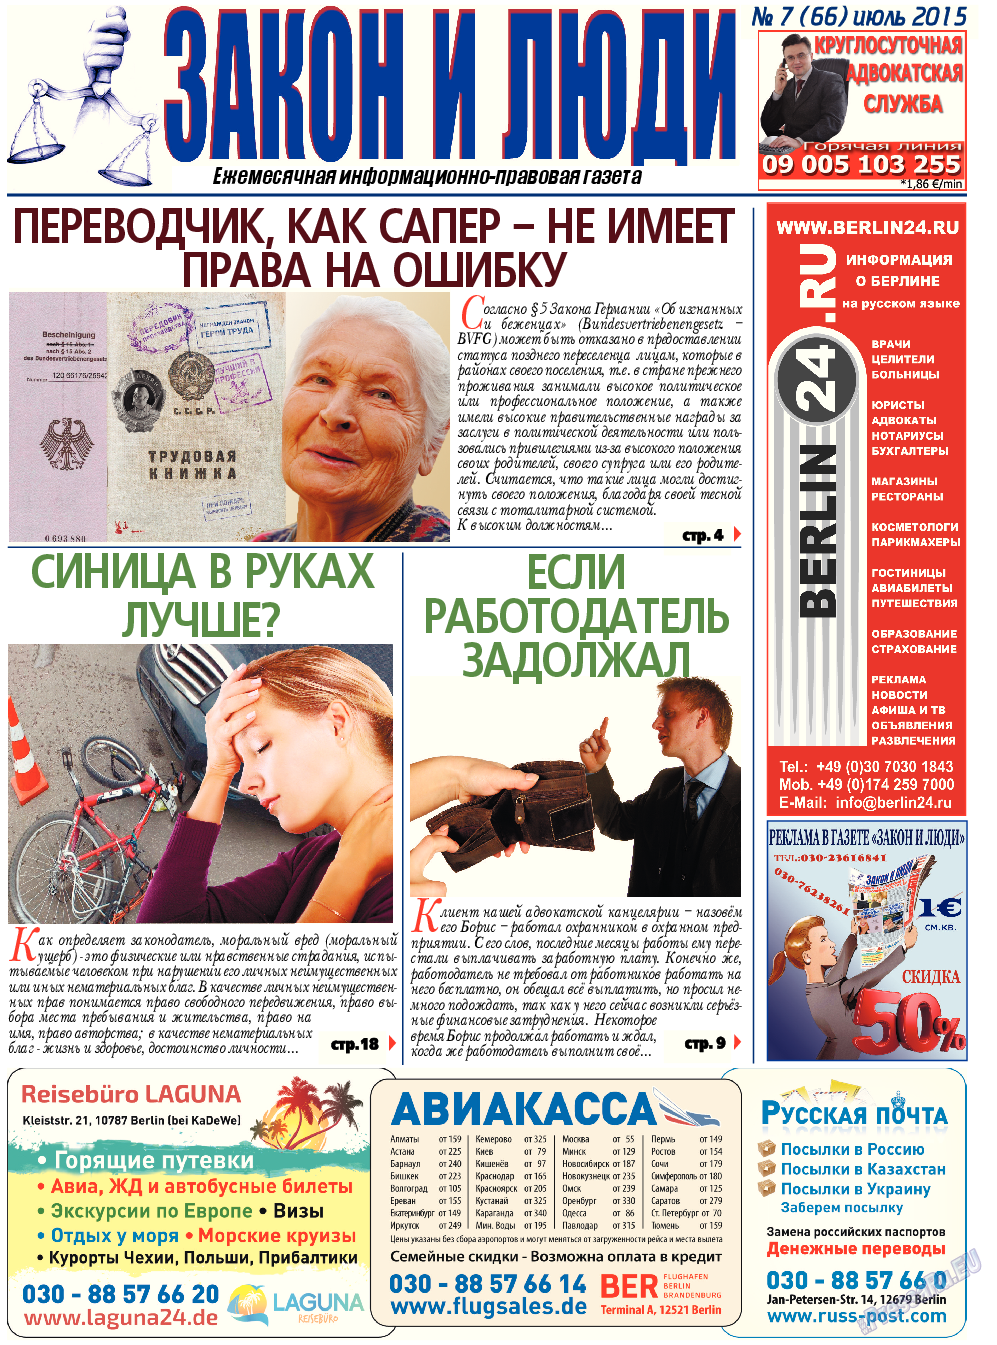 Закон и люди (газета). 2015 год, номер 7, стр. 1